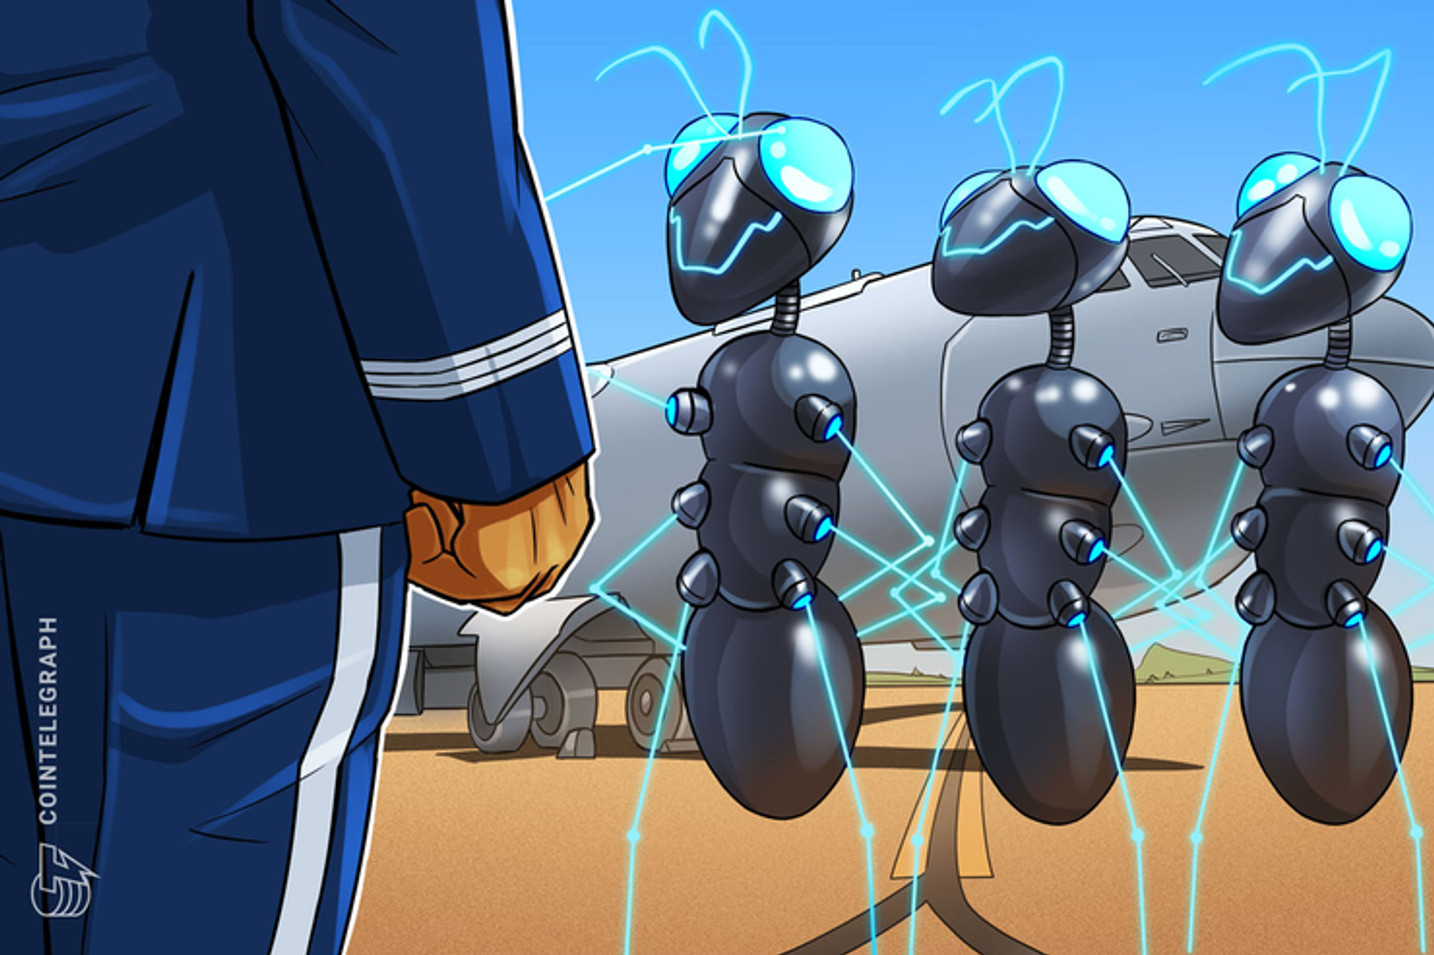 Blockchain en el sector militar - Un gran potencial, pero los proyectos se mantienen en secreto